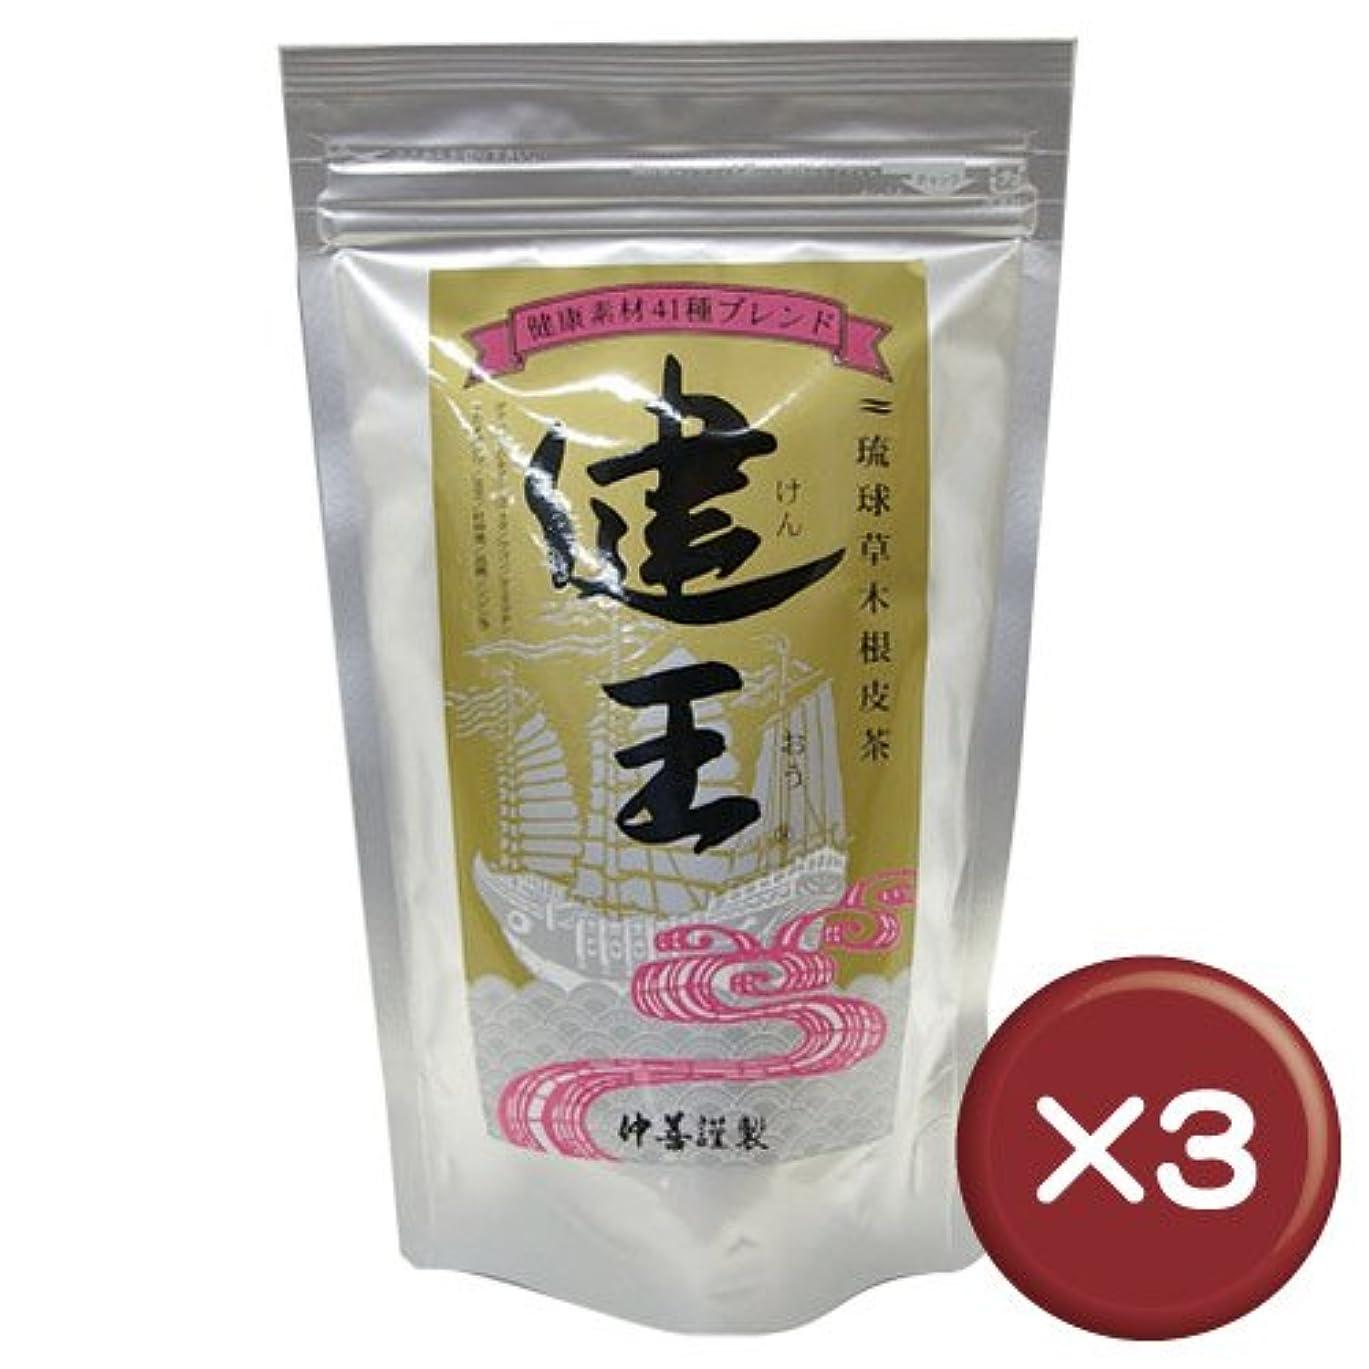 ボルト食品キャスト琉球草木根皮茶 健王 500g 3個セット